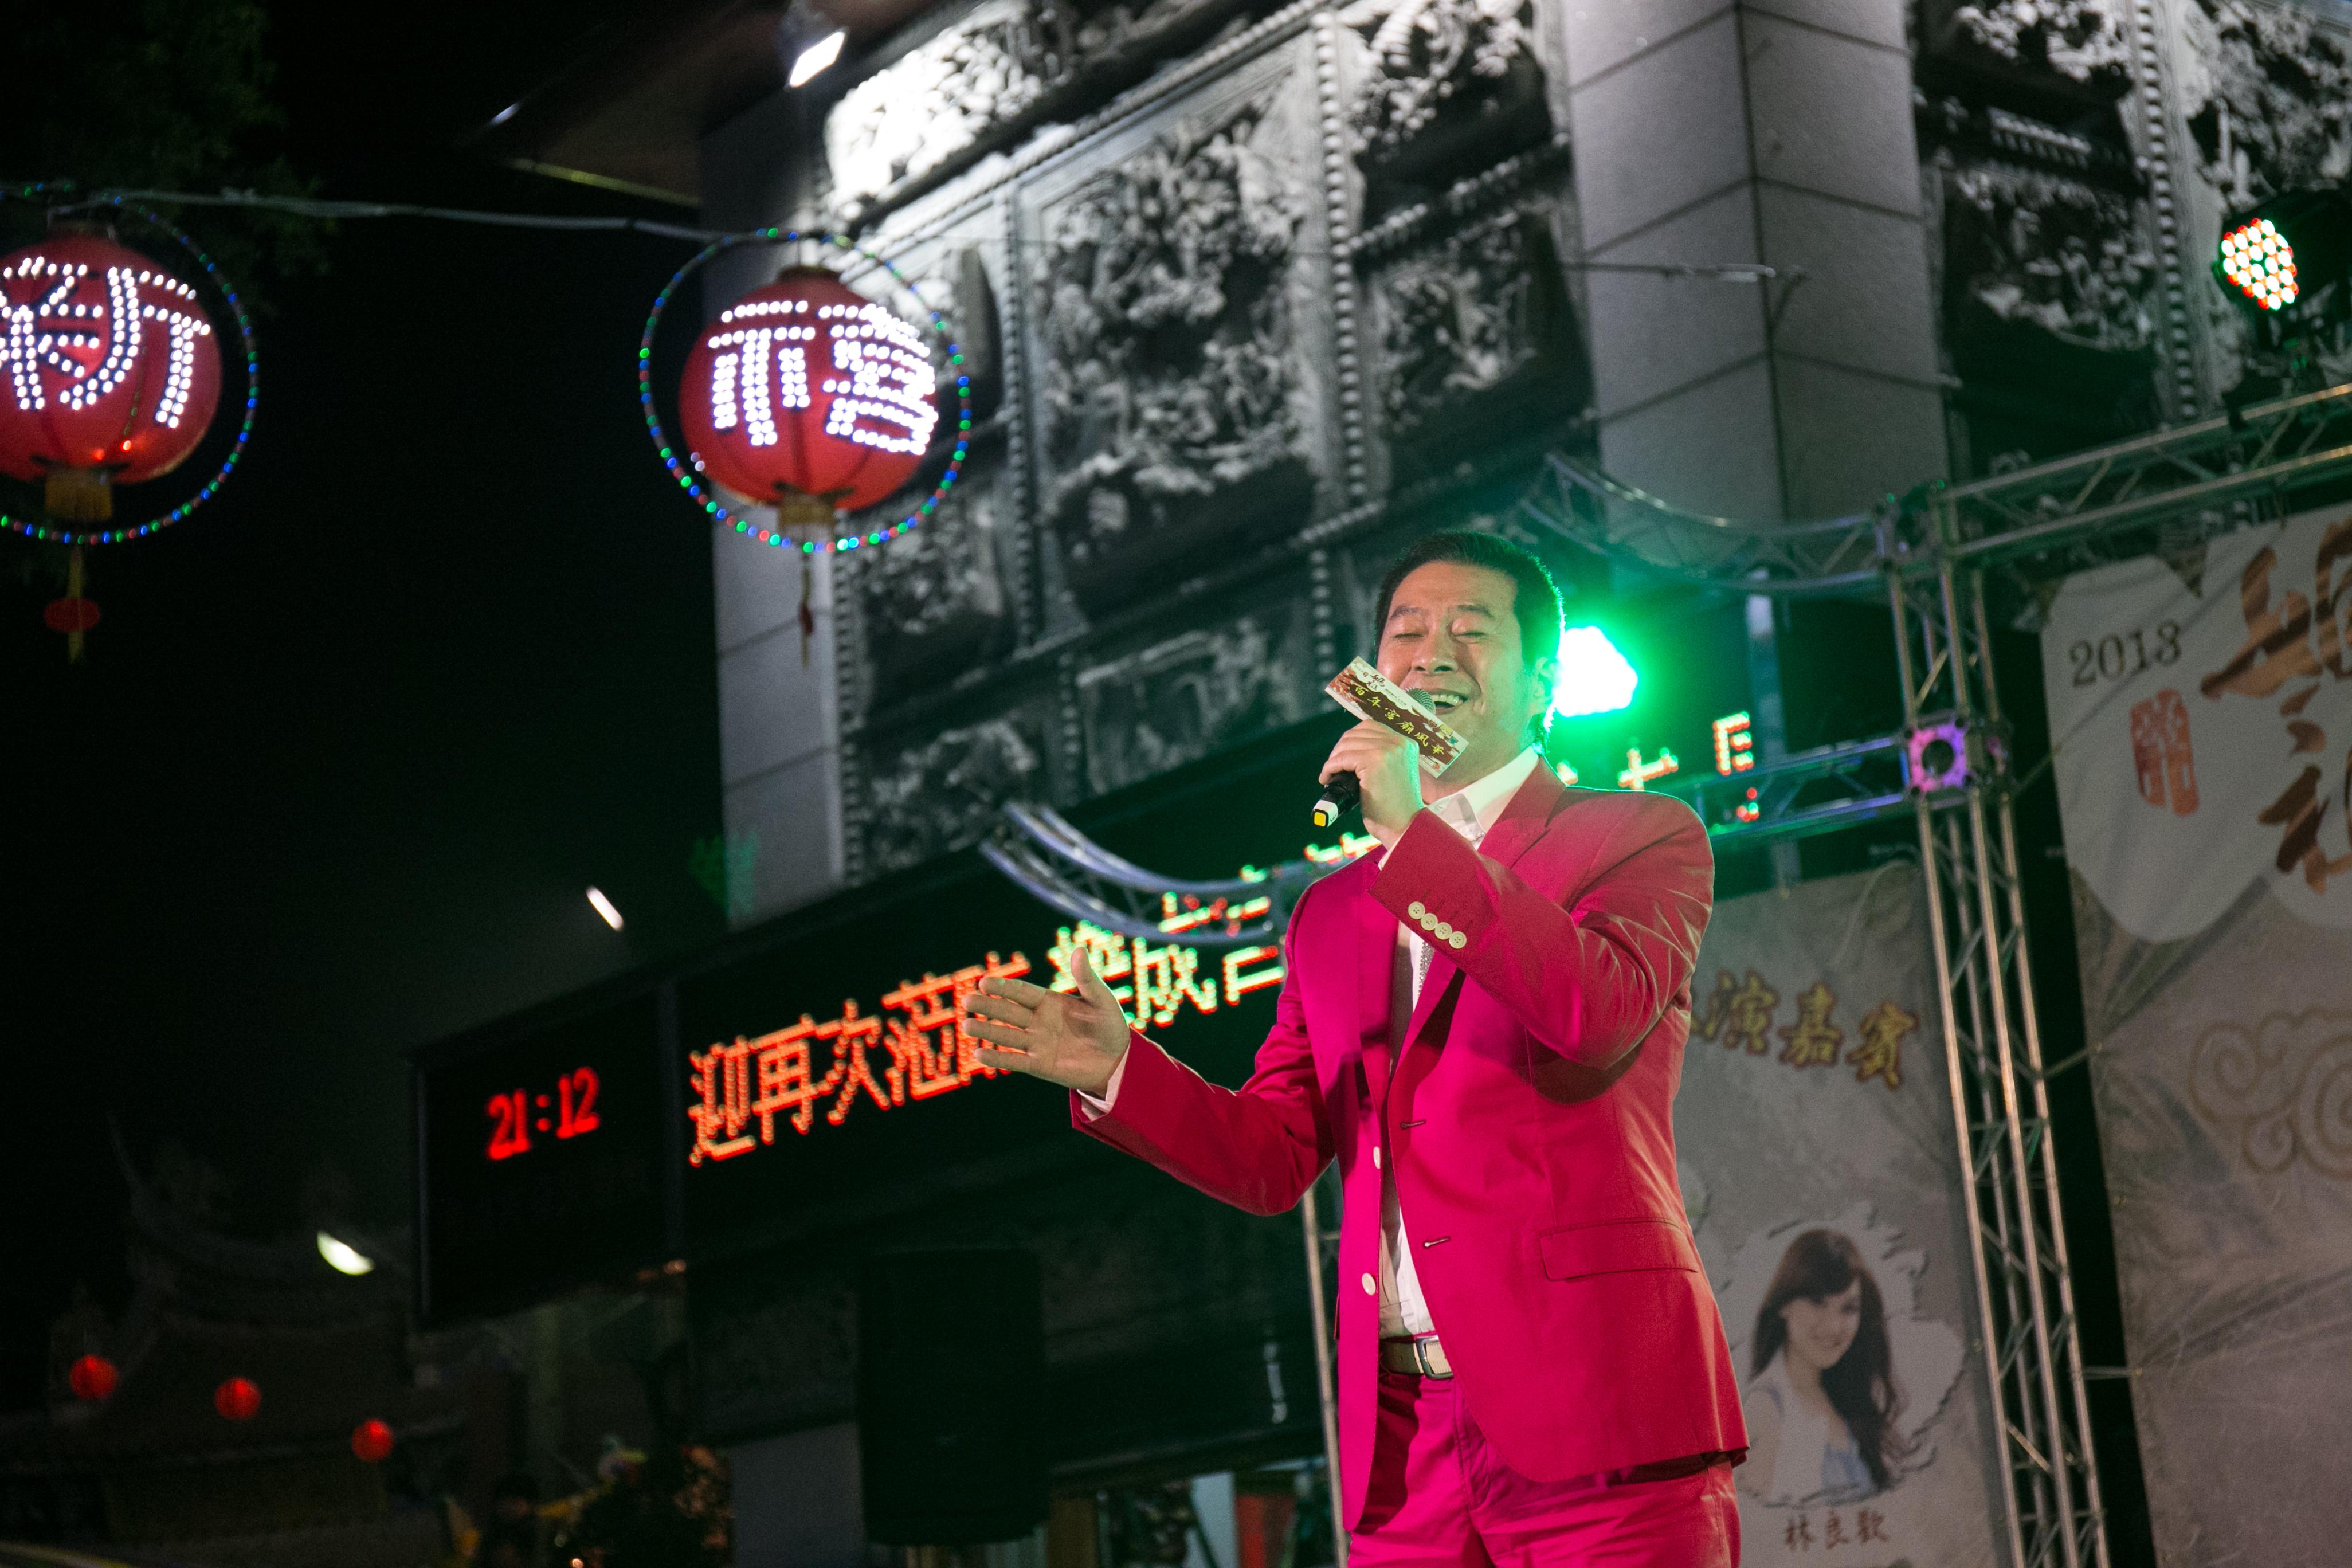 臺中媽祖國際觀光文化節在樂成宮,活動紀錄拍攝者台中婚錄張西米17